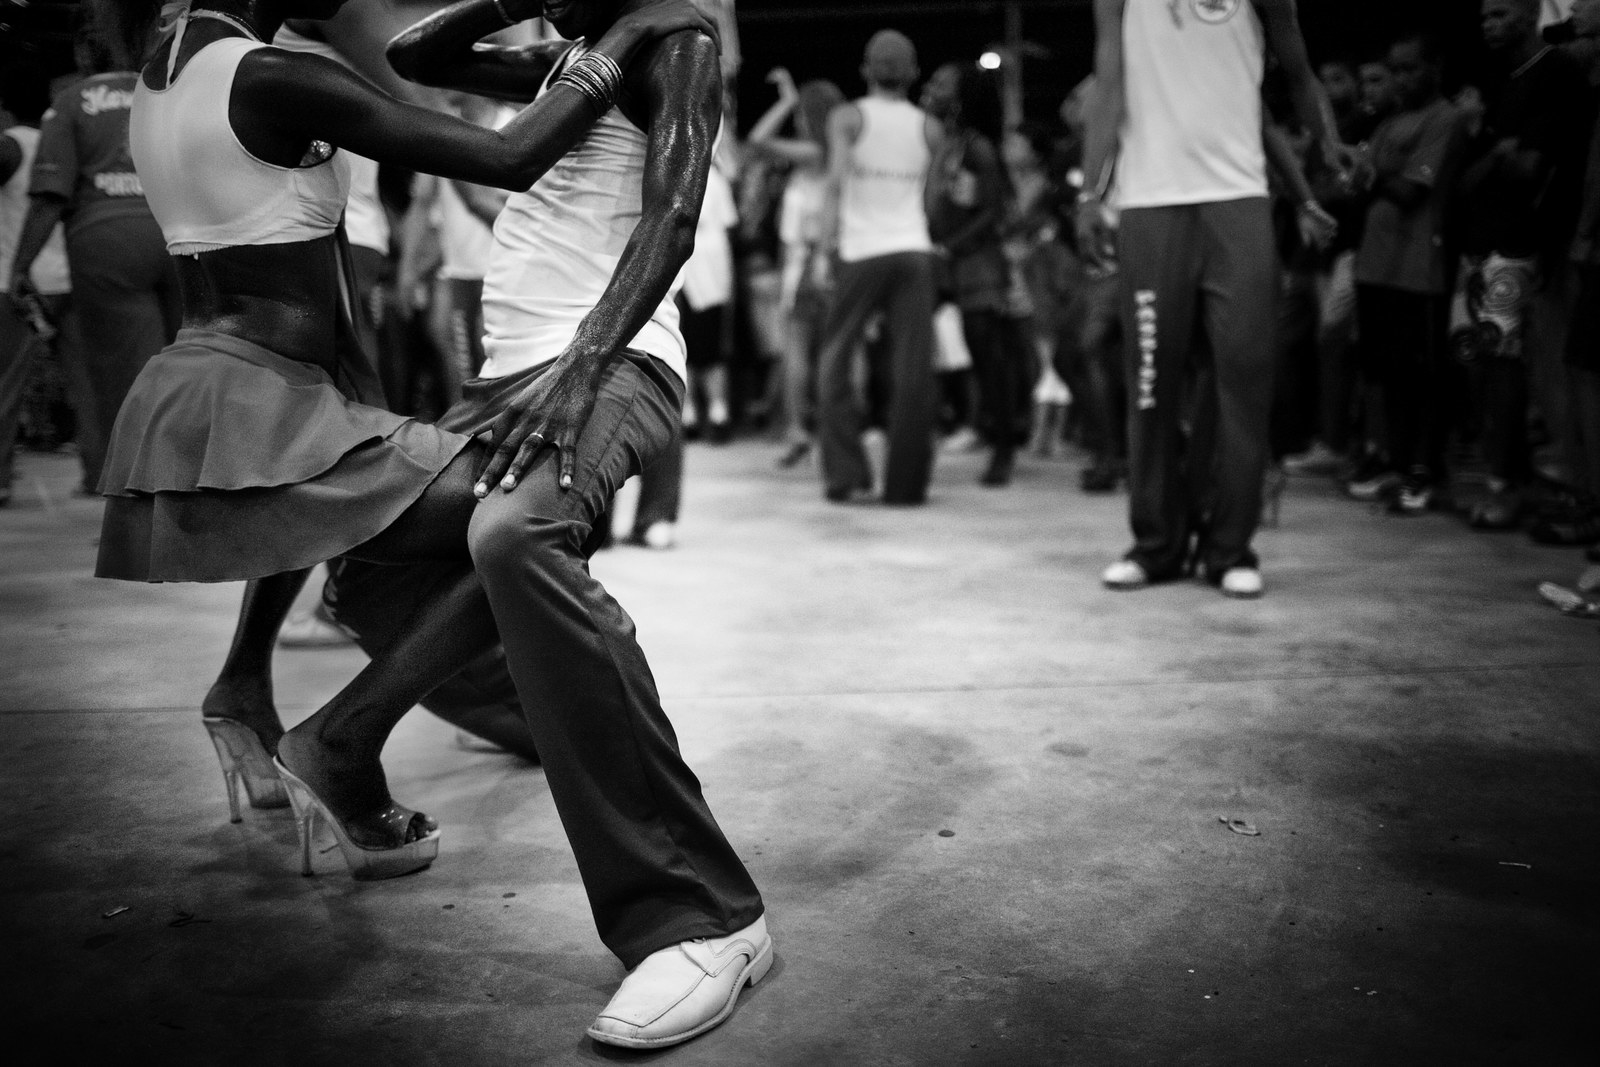 девушка танцует с негром ловит